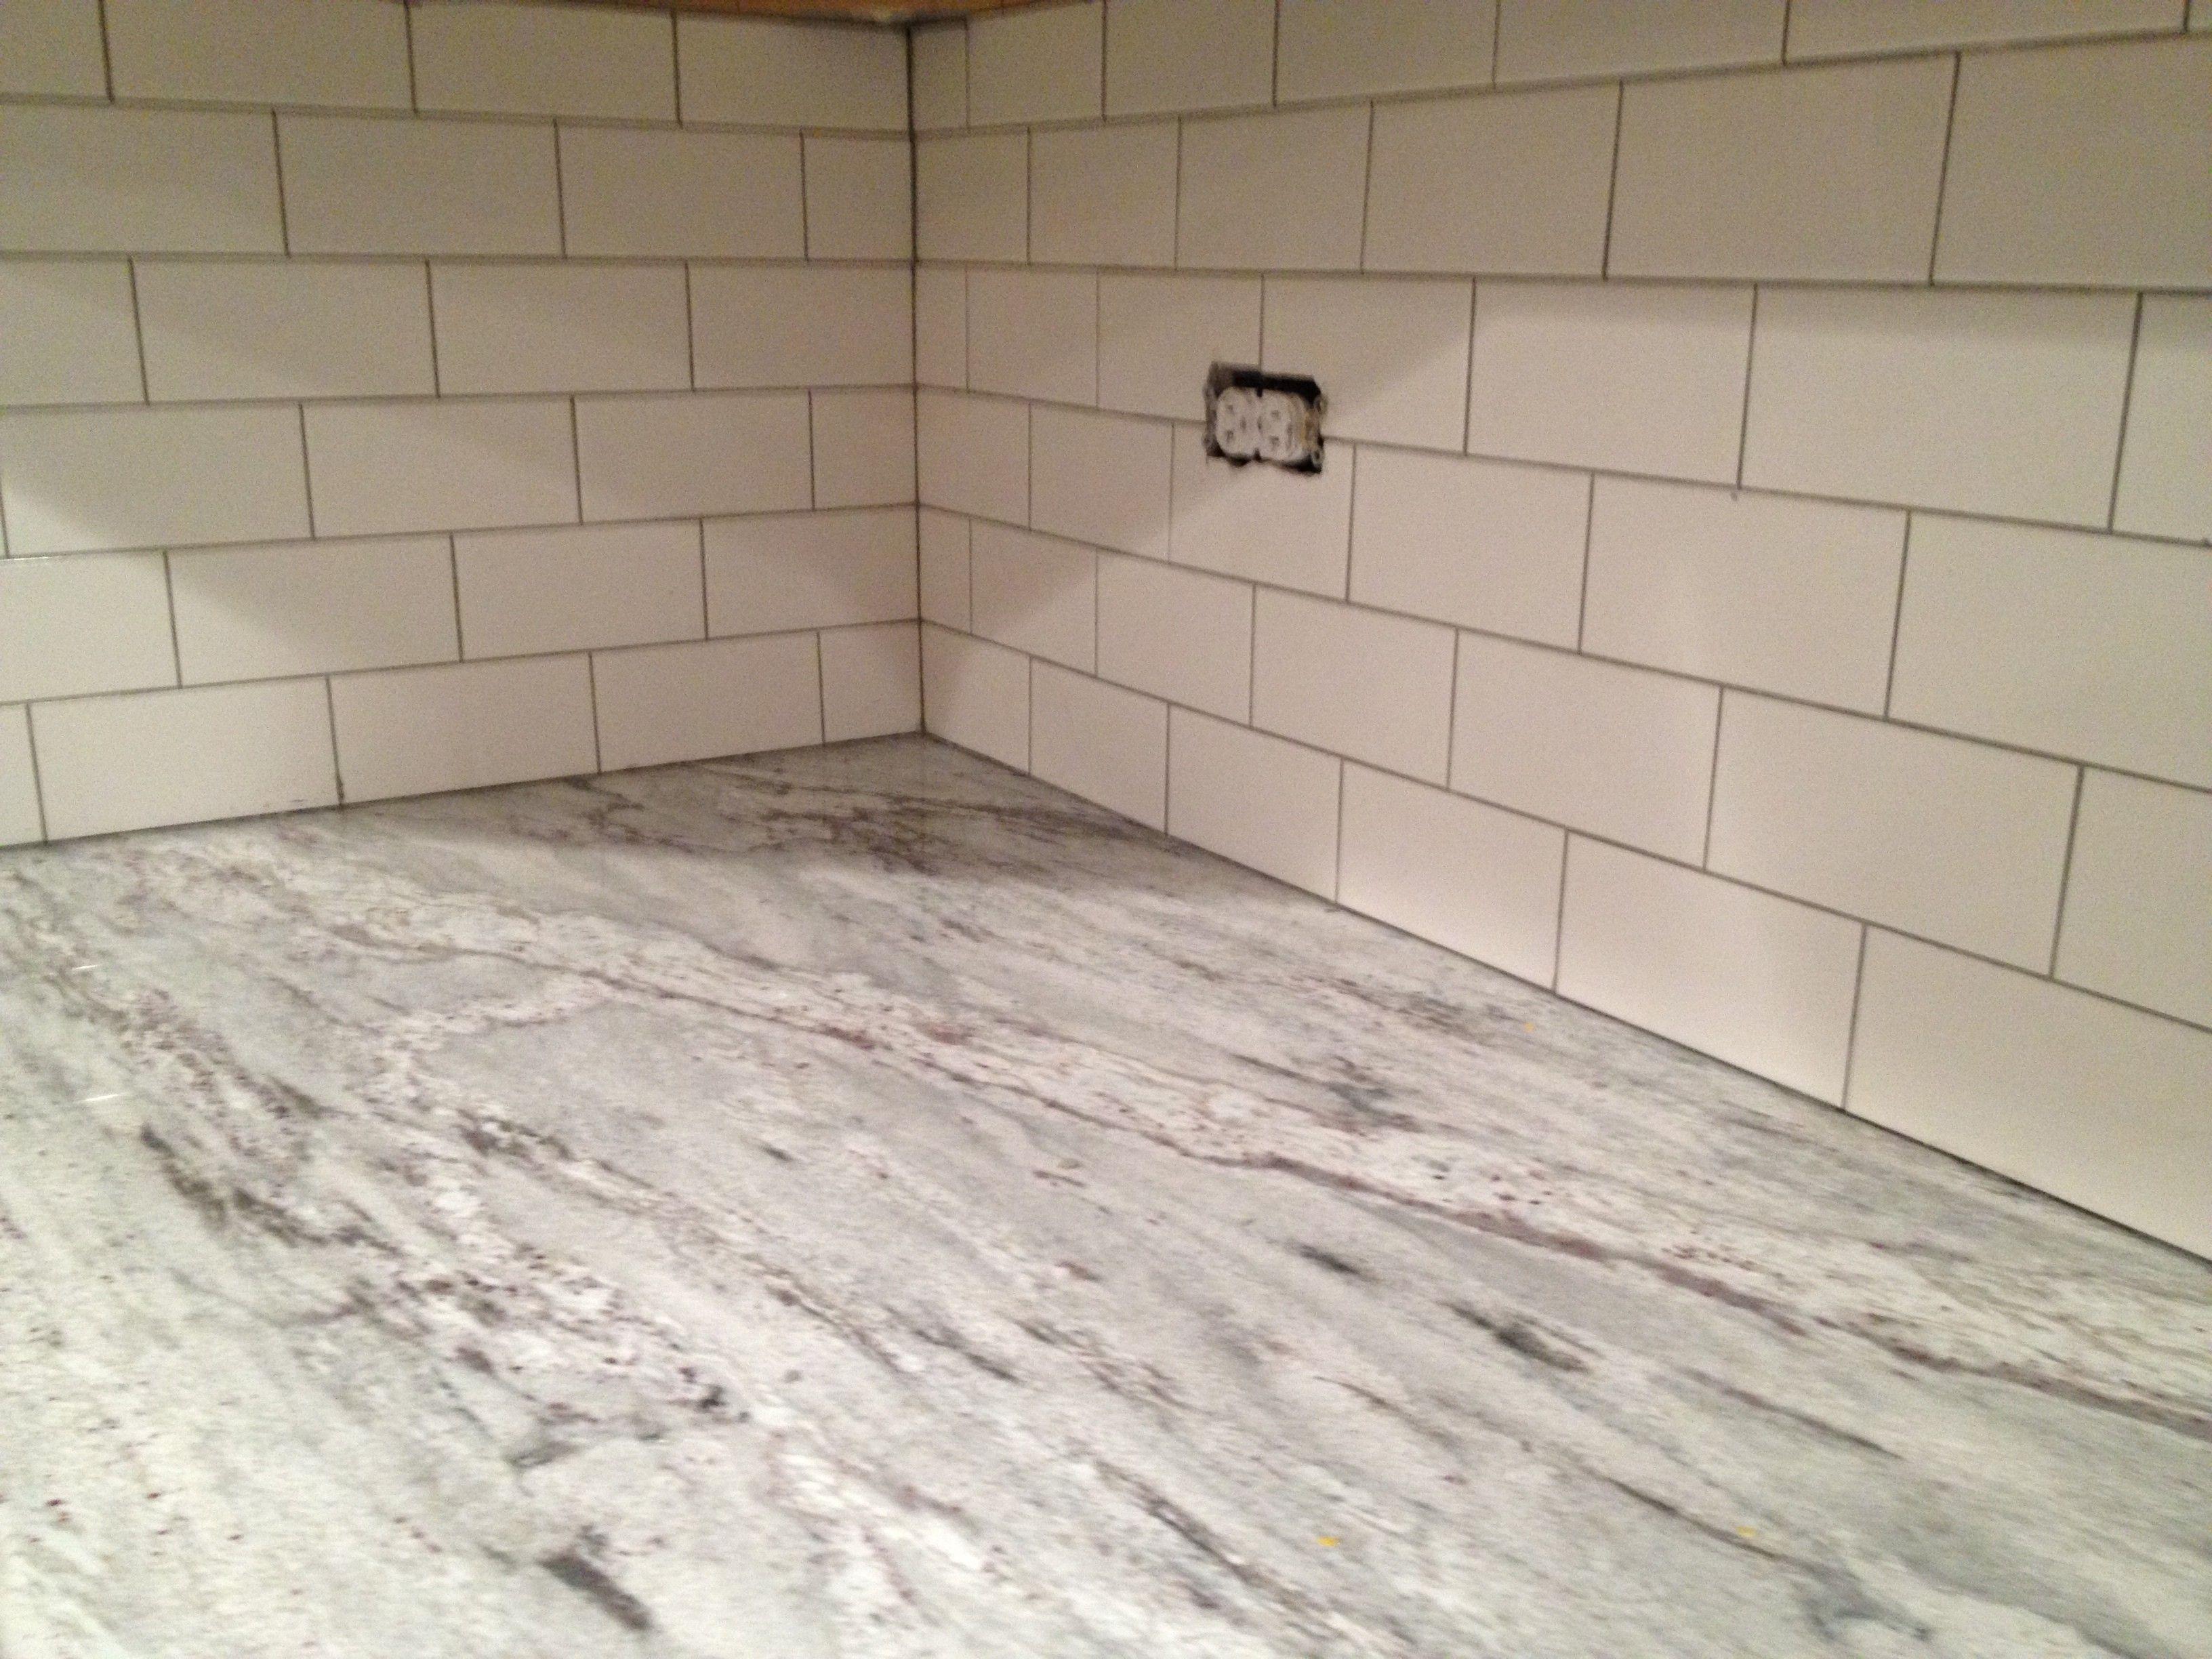 34 backsplash subway tile porcelain subway tile backsplash home 34 backsplash subway tile porcelain subway tile backsplash home dailygadgetfo Choice Image